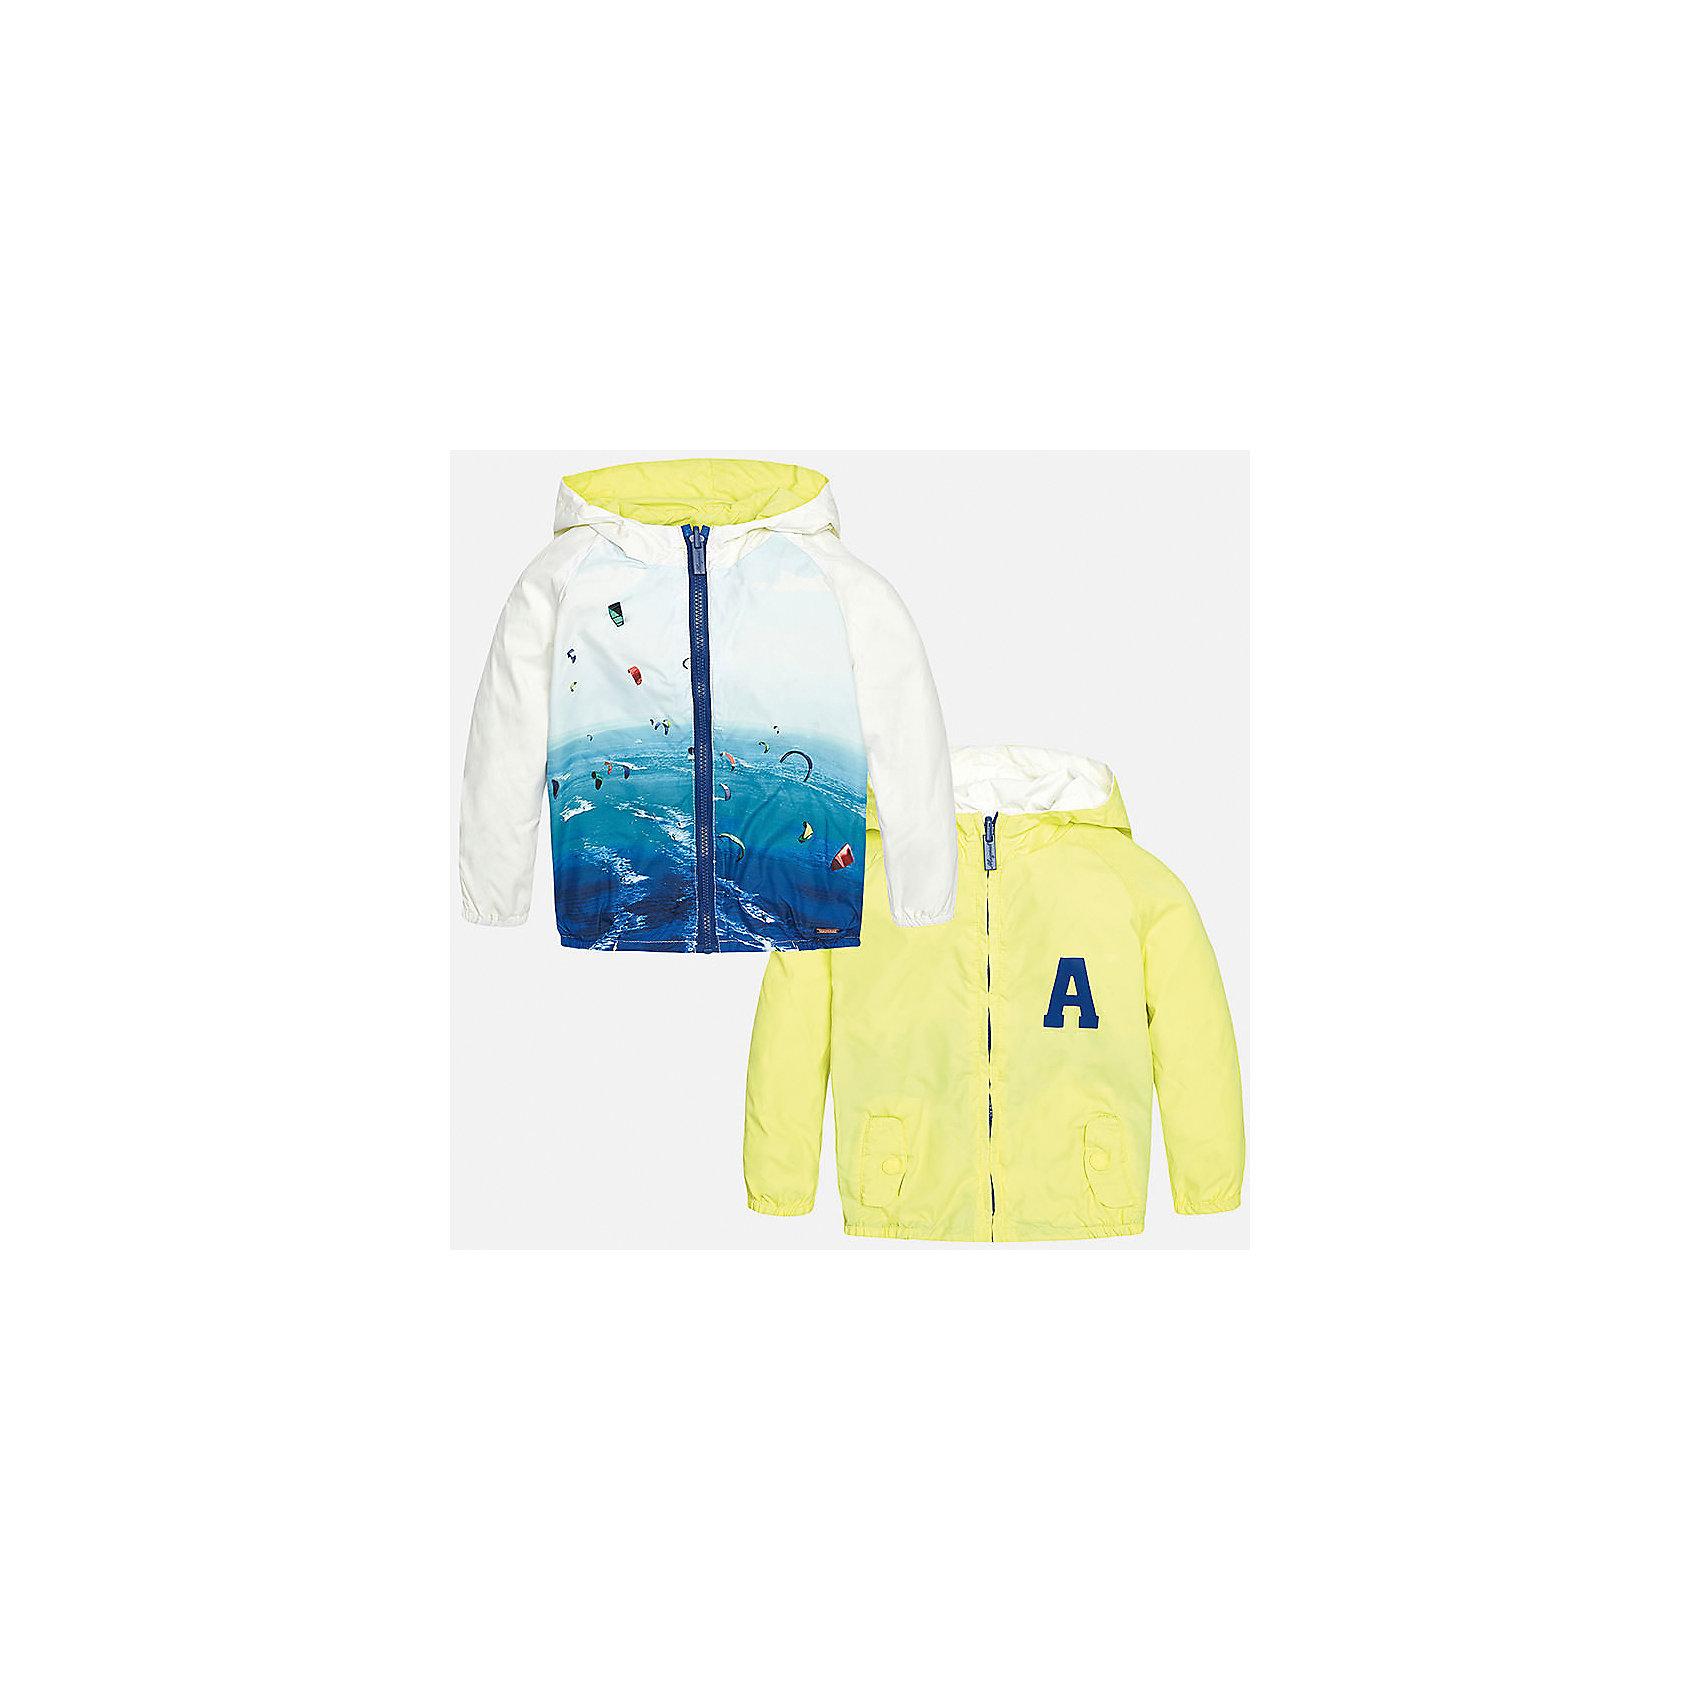 Ветровка двухсторонняя для мальчика MayoralВерхняя одежда<br>Характеристики товара:<br><br>• цвет: желтый/белый/голубой<br>• состав: 100% полиэстер, подкладка - 100% полиэстер<br>• двусторонняя<br>• карманы<br>• молния<br>• капюшон<br>• страна бренда: Испания<br><br>Легкая ветровка для мальчика поможет разнообразить гардероб ребенка и обеспечить тепло в прохладную погоду. Эта ветровка - два в одном: стоит её вывернуть - и появляется еще одна курточка другой расцветки. Она отлично сочетается и с джинсами, и с брюками. Универсальный цвет позволяет подобрать к вещи низ различных расцветок. Интересная отделка модели делает её нарядной и оригинальной. <br><br>Одежда, обувь и аксессуары от испанского бренда Mayoral полюбились детям и взрослым по всему миру. Модели этой марки - стильные и удобные. Для их производства используются только безопасные, качественные материалы и фурнитура. Порадуйте ребенка модными и красивыми вещами от Mayoral! <br><br>Ветровку для мальчика от испанского бренда Mayoral (Майорал) можно купить в нашем интернет-магазине.<br><br>Ширина мм: 356<br>Глубина мм: 10<br>Высота мм: 245<br>Вес г: 519<br>Цвет: желтый<br>Возраст от месяцев: 12<br>Возраст до месяцев: 15<br>Пол: Мужской<br>Возраст: Детский<br>Размер: 80,92,86<br>SKU: 5279624